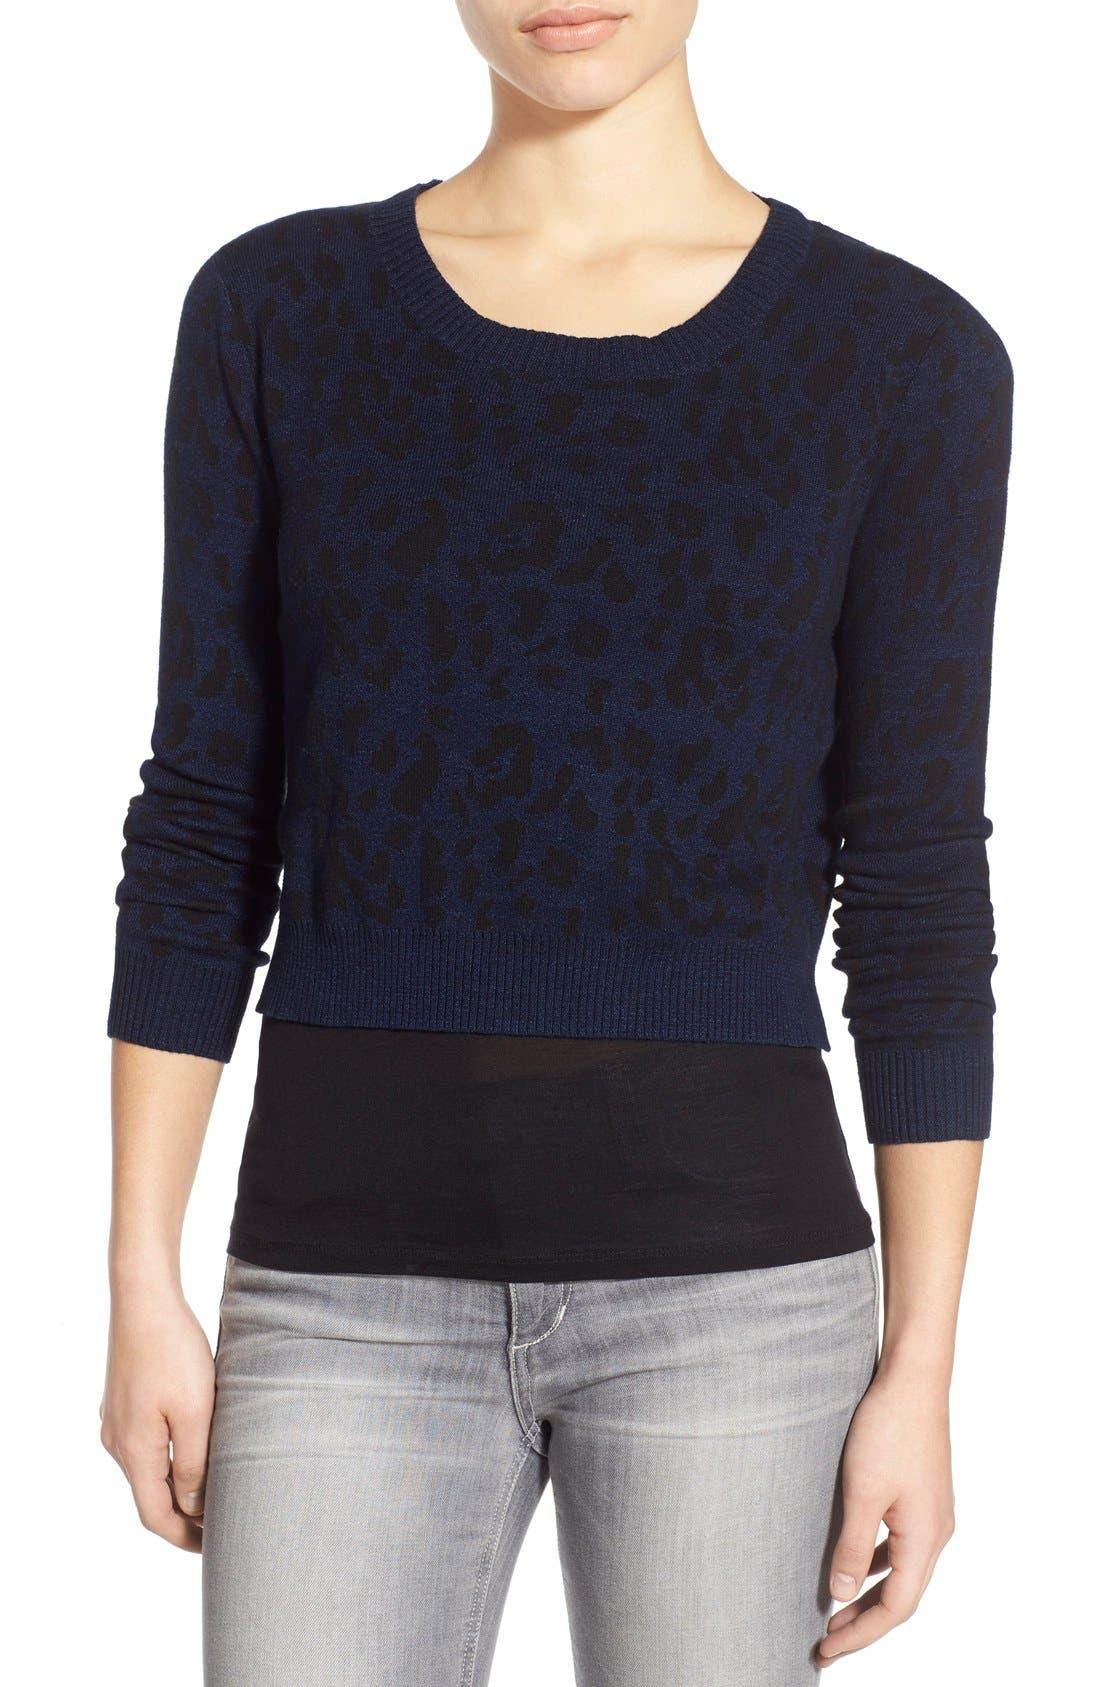 JOE'S Leopard Print Crop Sweater, Main, color, 440